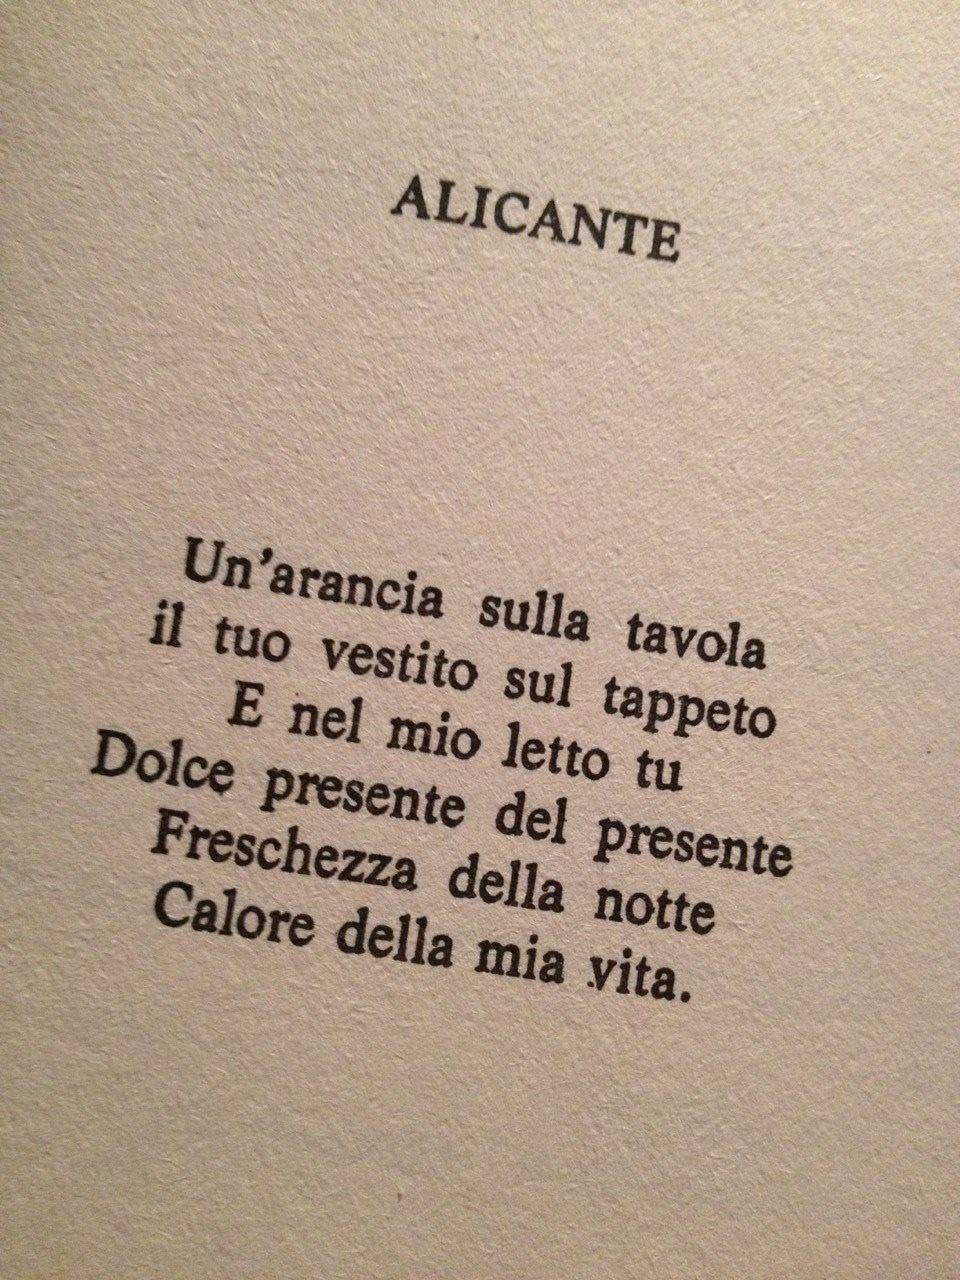 Jacques Prevert Poesie D Amore Poesie Famose Citazioni